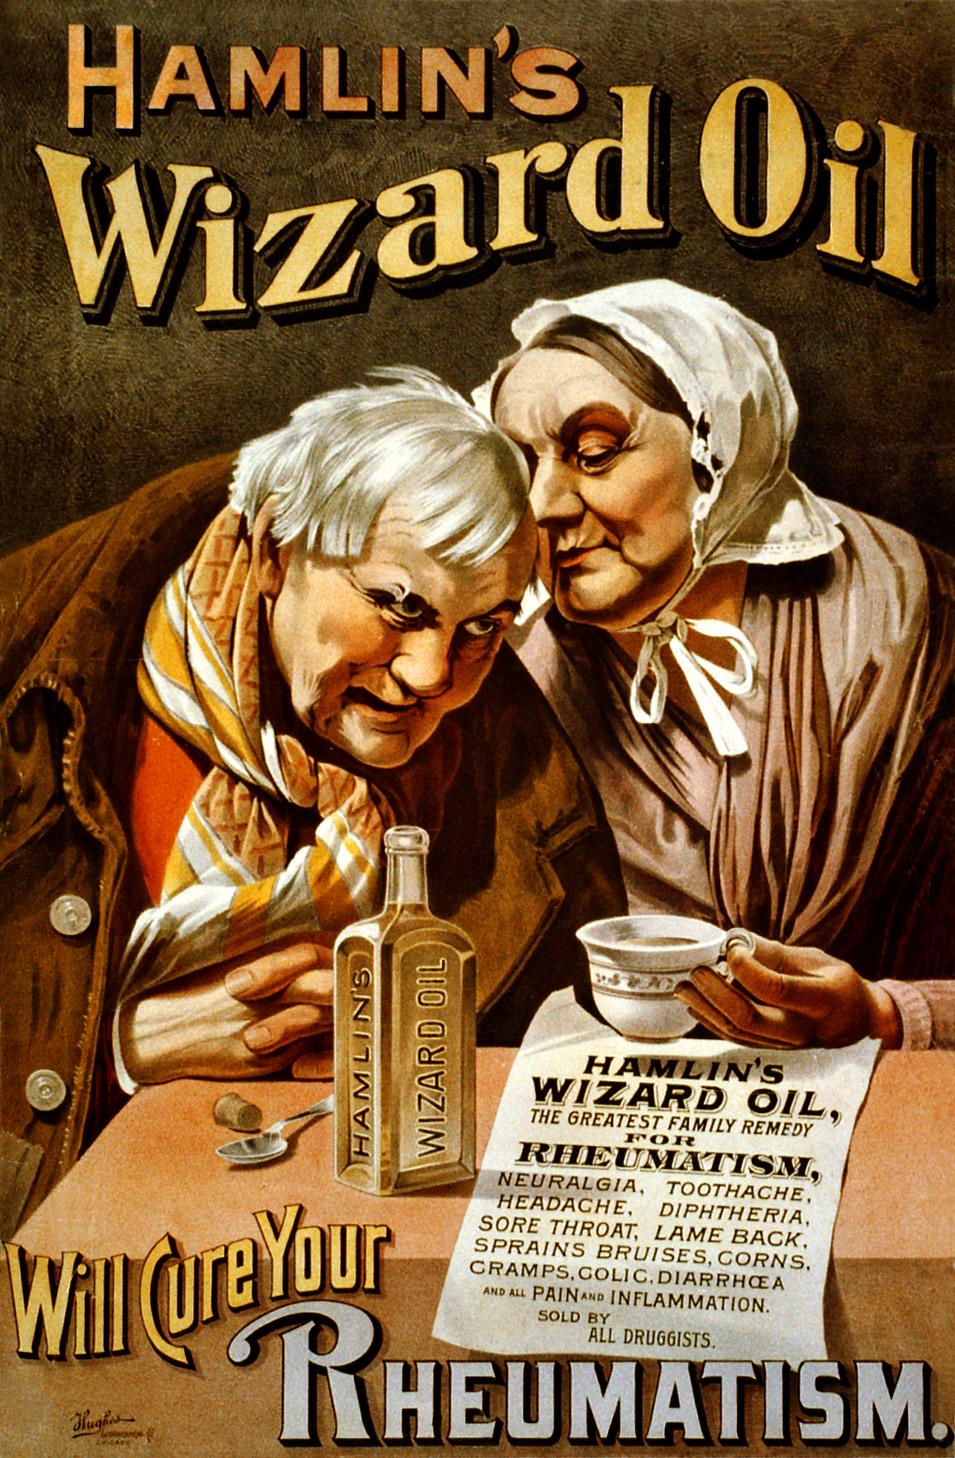 Hamlin's_Wizard_Oil_poster.jpg